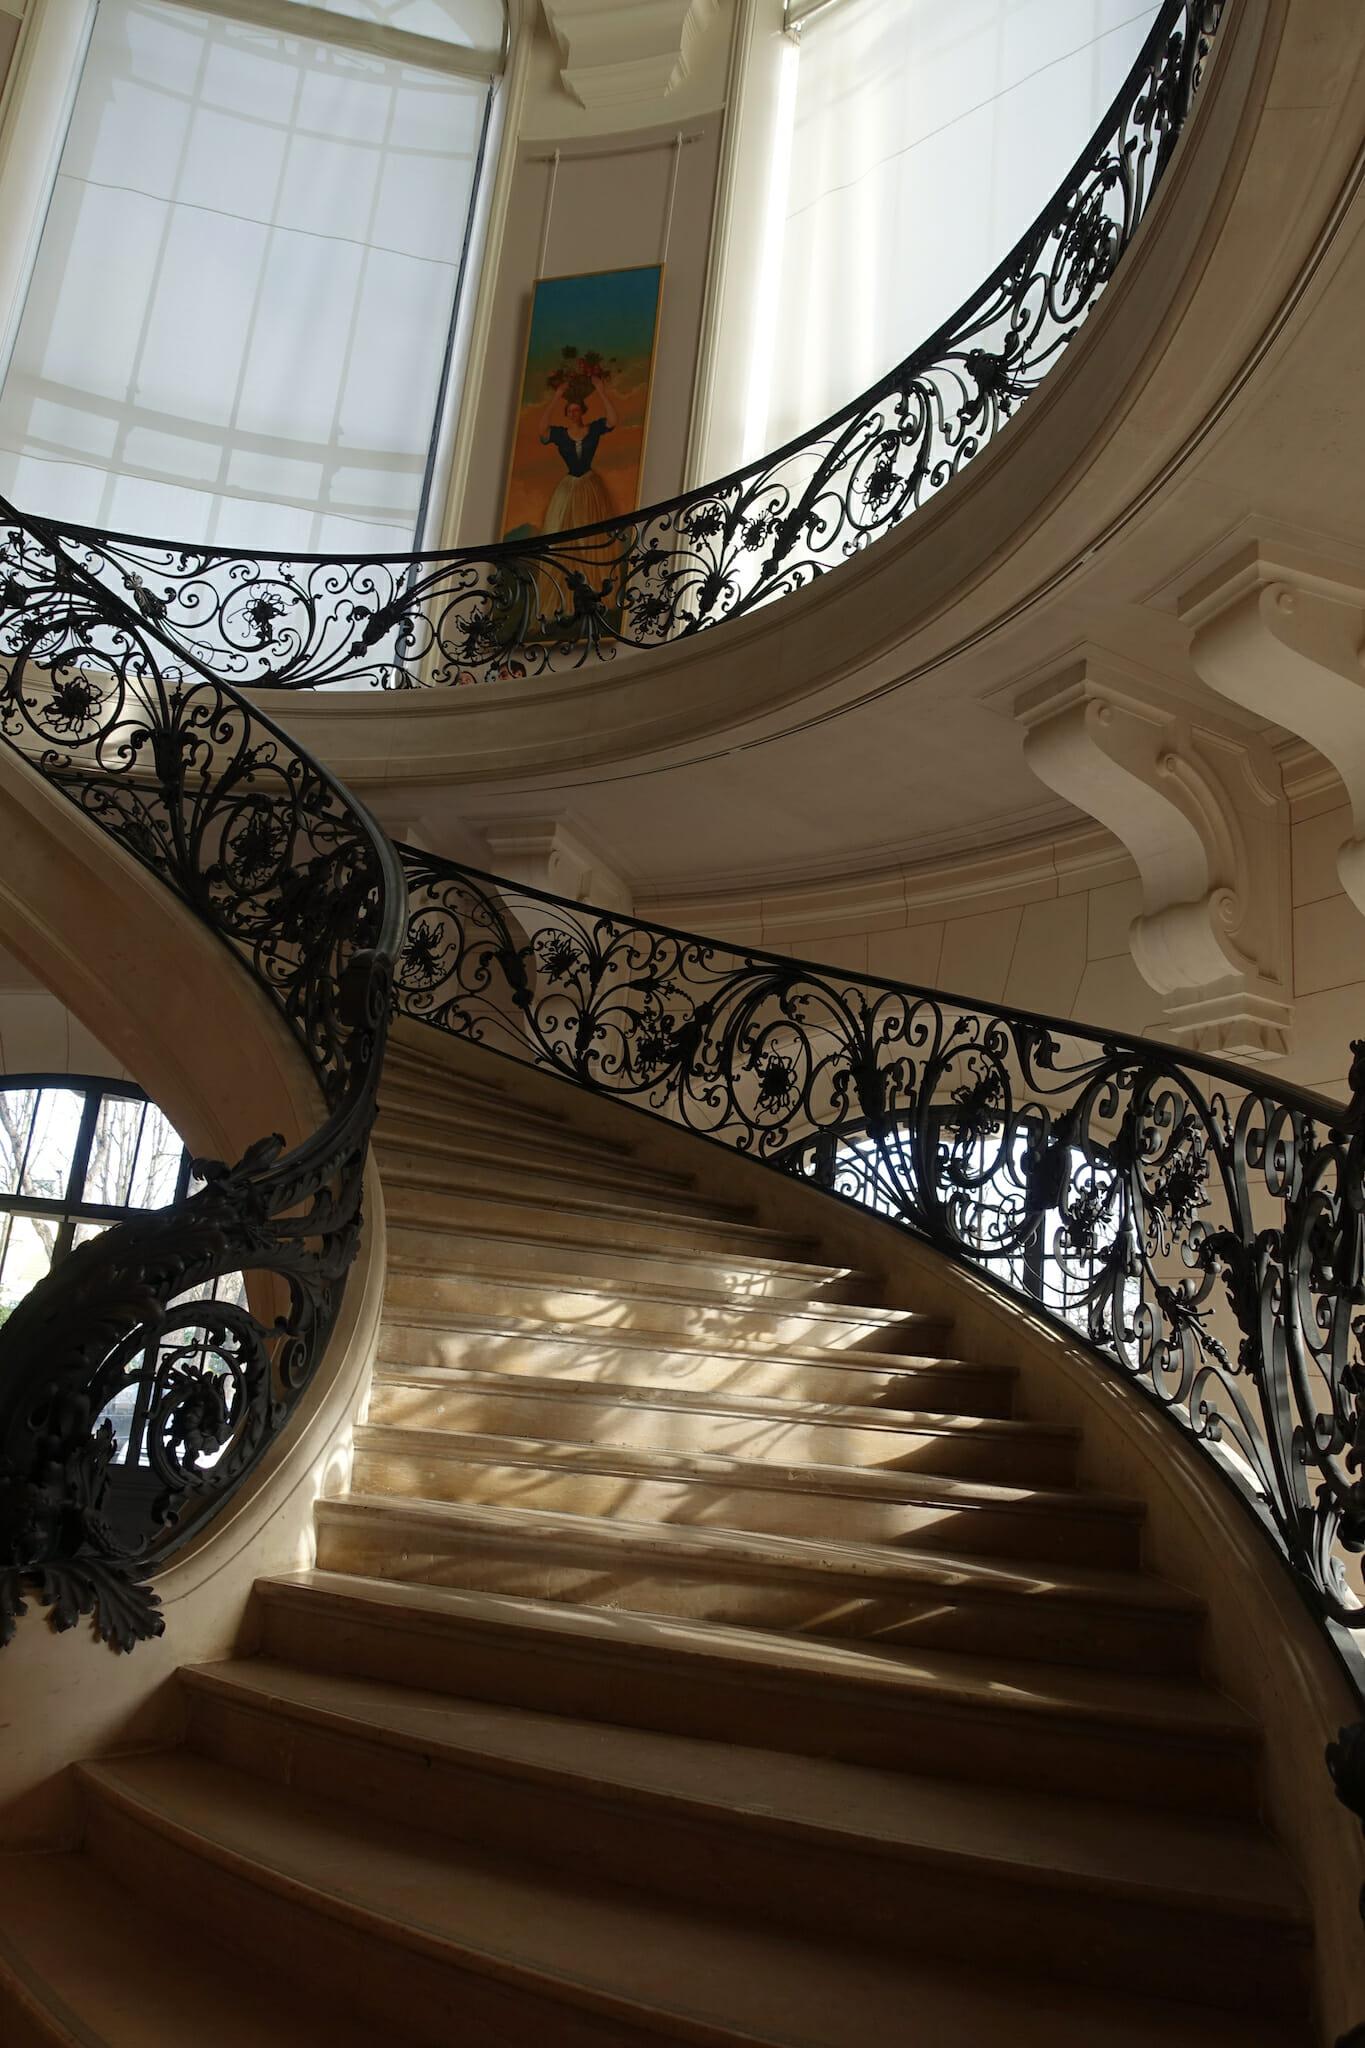 Spiral staircase in the Petit Palais - Musée des beaux-arts de la ville de Paris